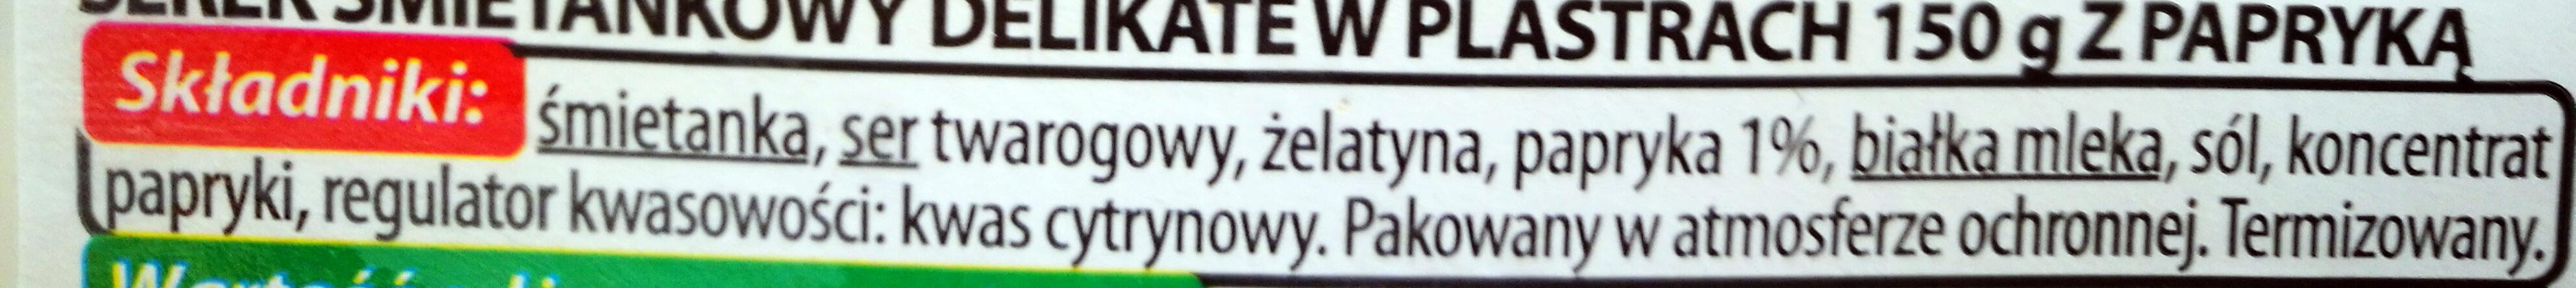 Serek śmietankowy w plastrach z papryką - Ingredients - pl